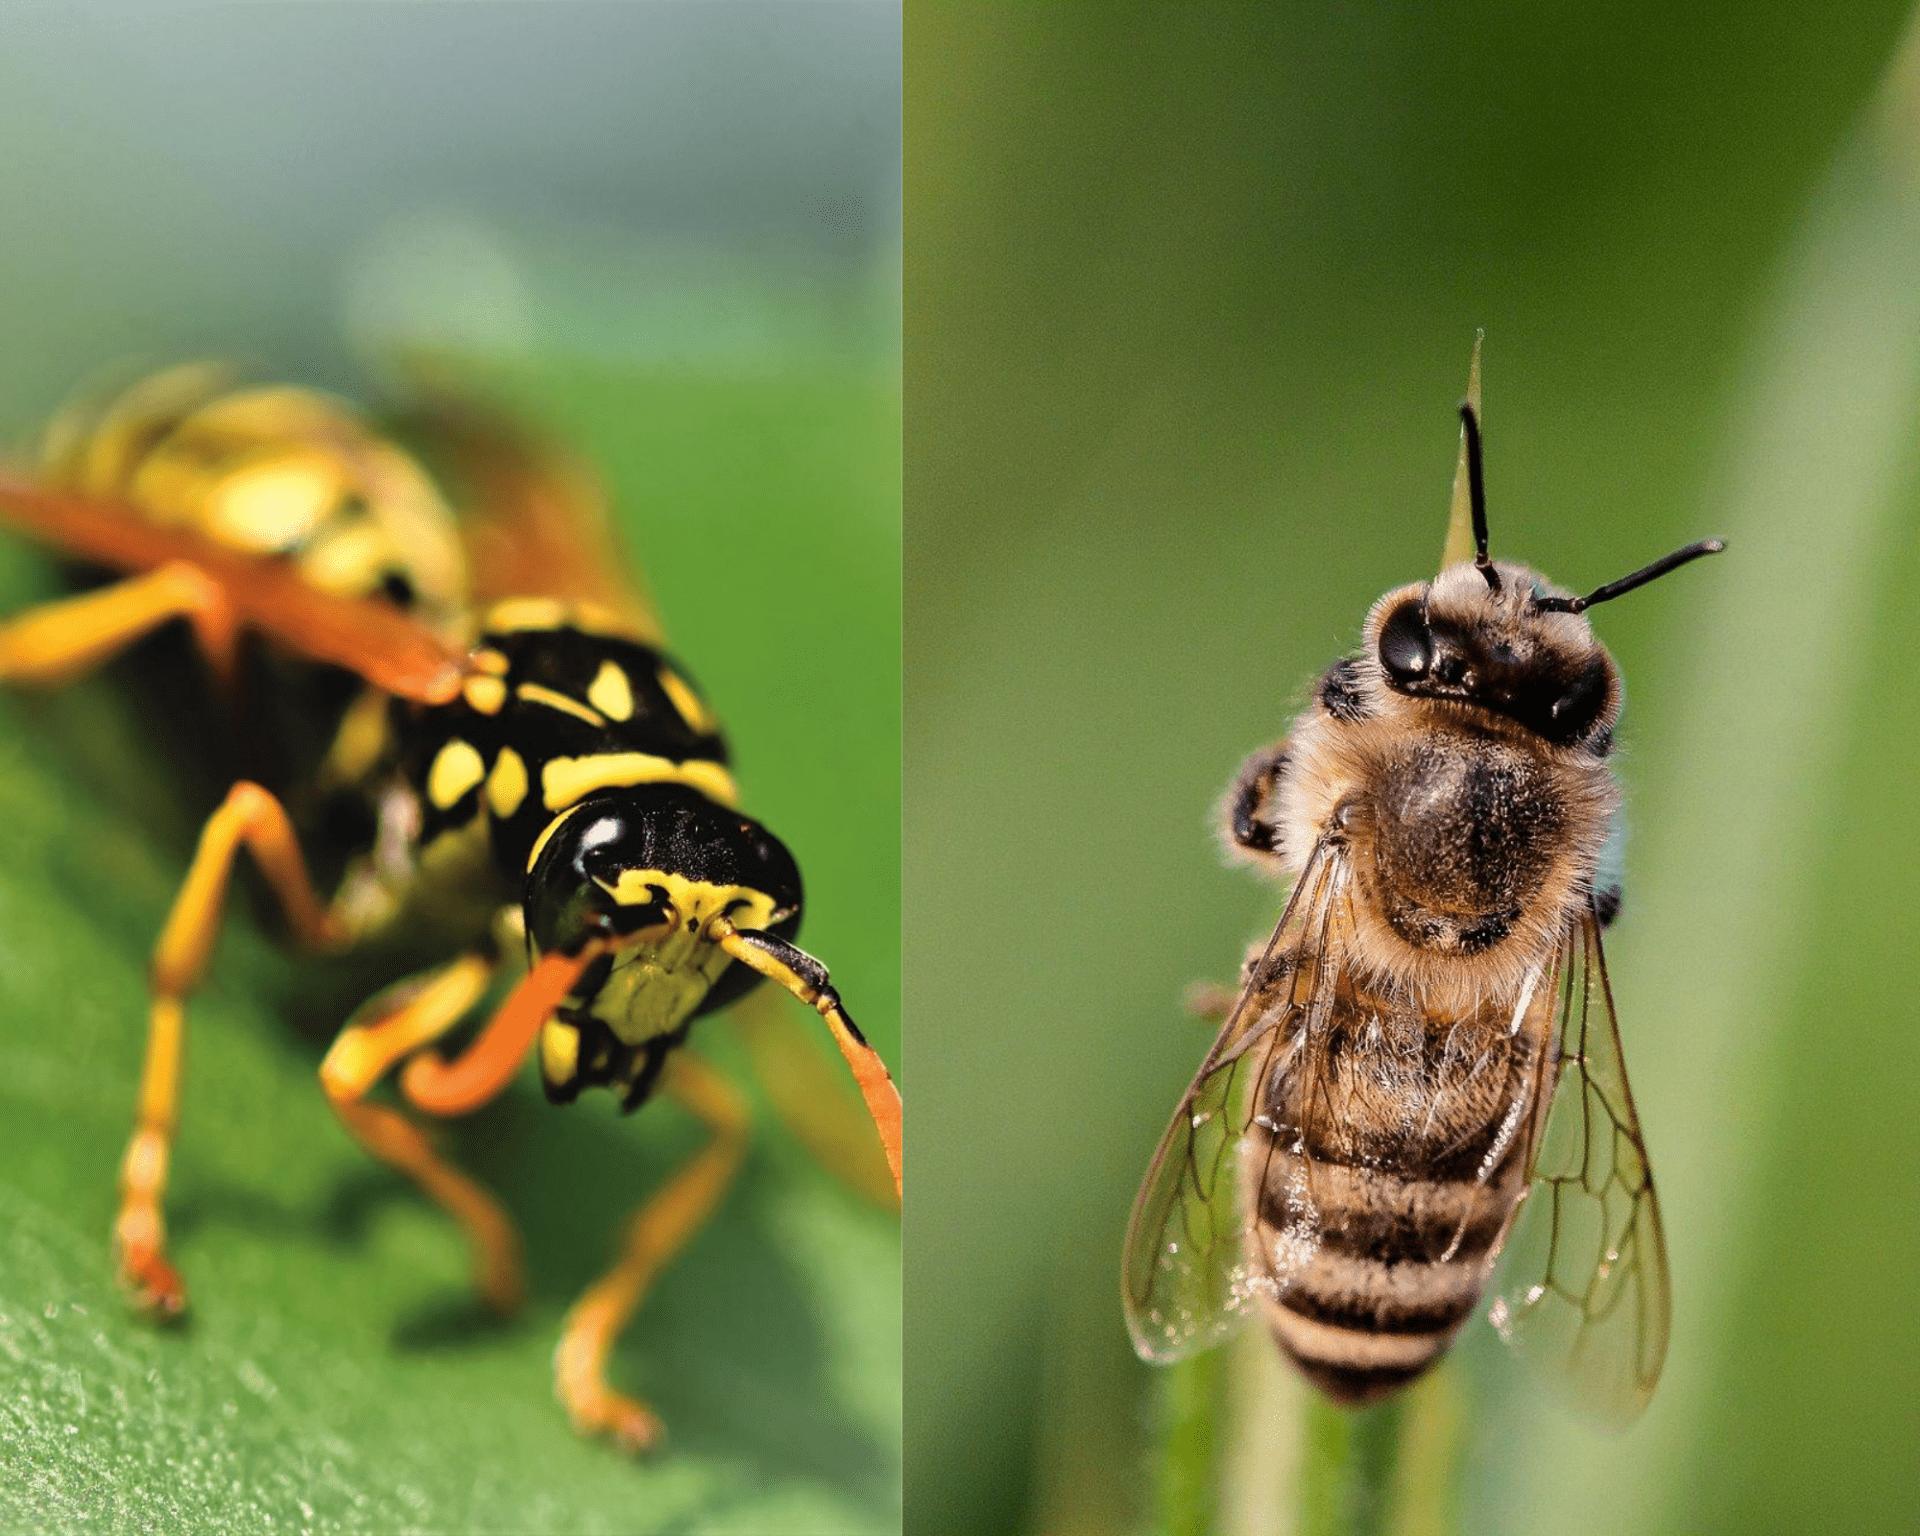 Wasps vs bees